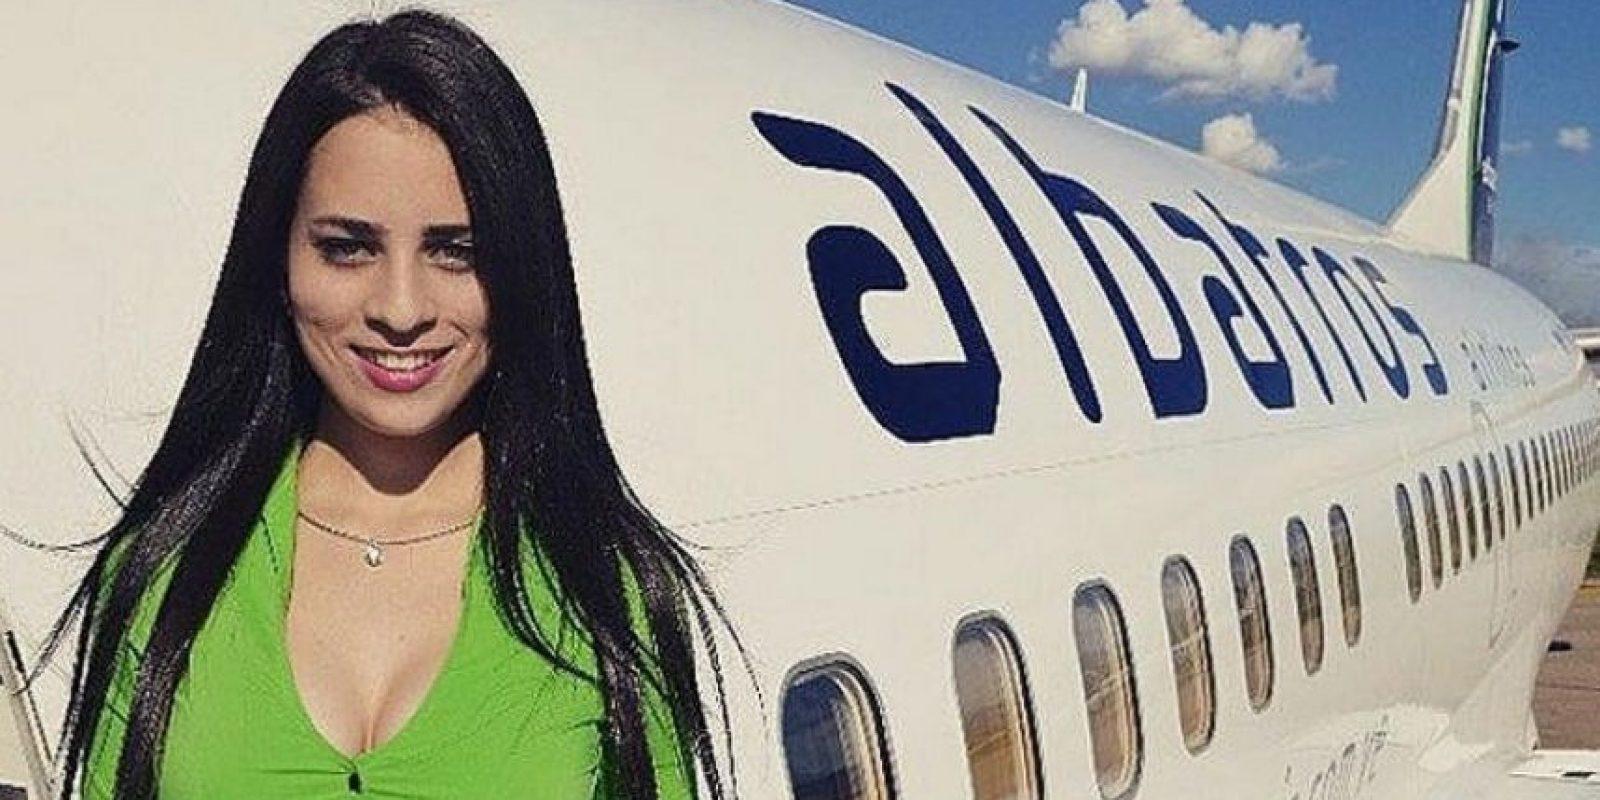 """Aunque las sobrecargos llegan temprano al aeropuerto y acomodan a los pasajeros en sus lugares, no se les paga nada de eso. A la tripulación de auxilio se les paga sólo por las """"horas de vuelo"""", es decir, hasta que la puerta se cierra y el avión comienza a moverse. Foto:Vía Instagram#Sobrecargo"""